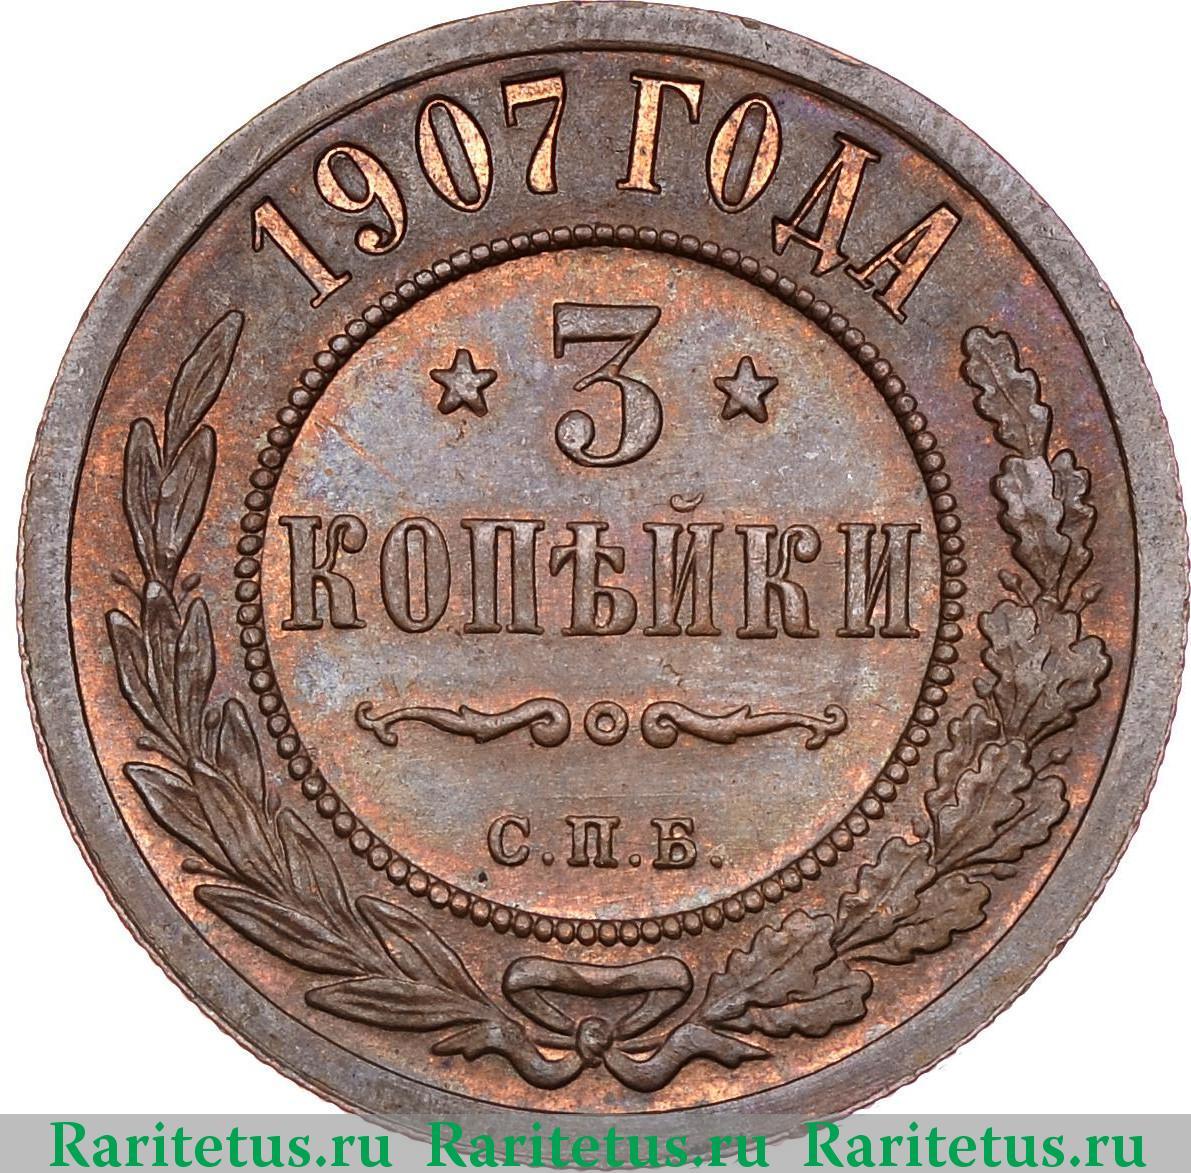 Стоимость 3 копейки 1917 года цена знак союз сельскохозяйственных и лесных рабочих